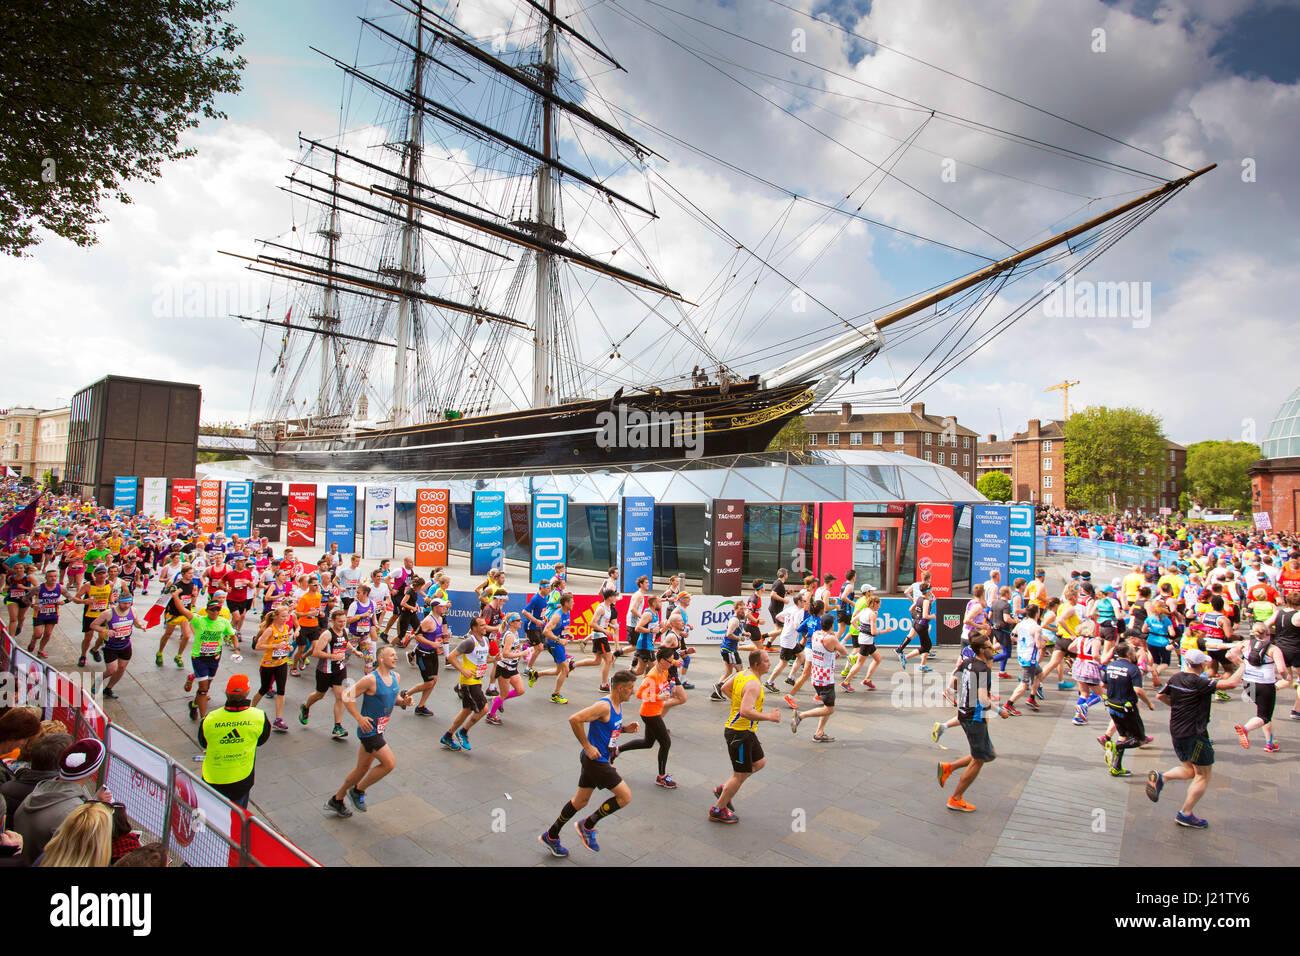 Londres, Royaume-Uni. 23 avril, 2017. Les participants prennent part à la Vierge Marathon de Londres 2017. Photo Stock